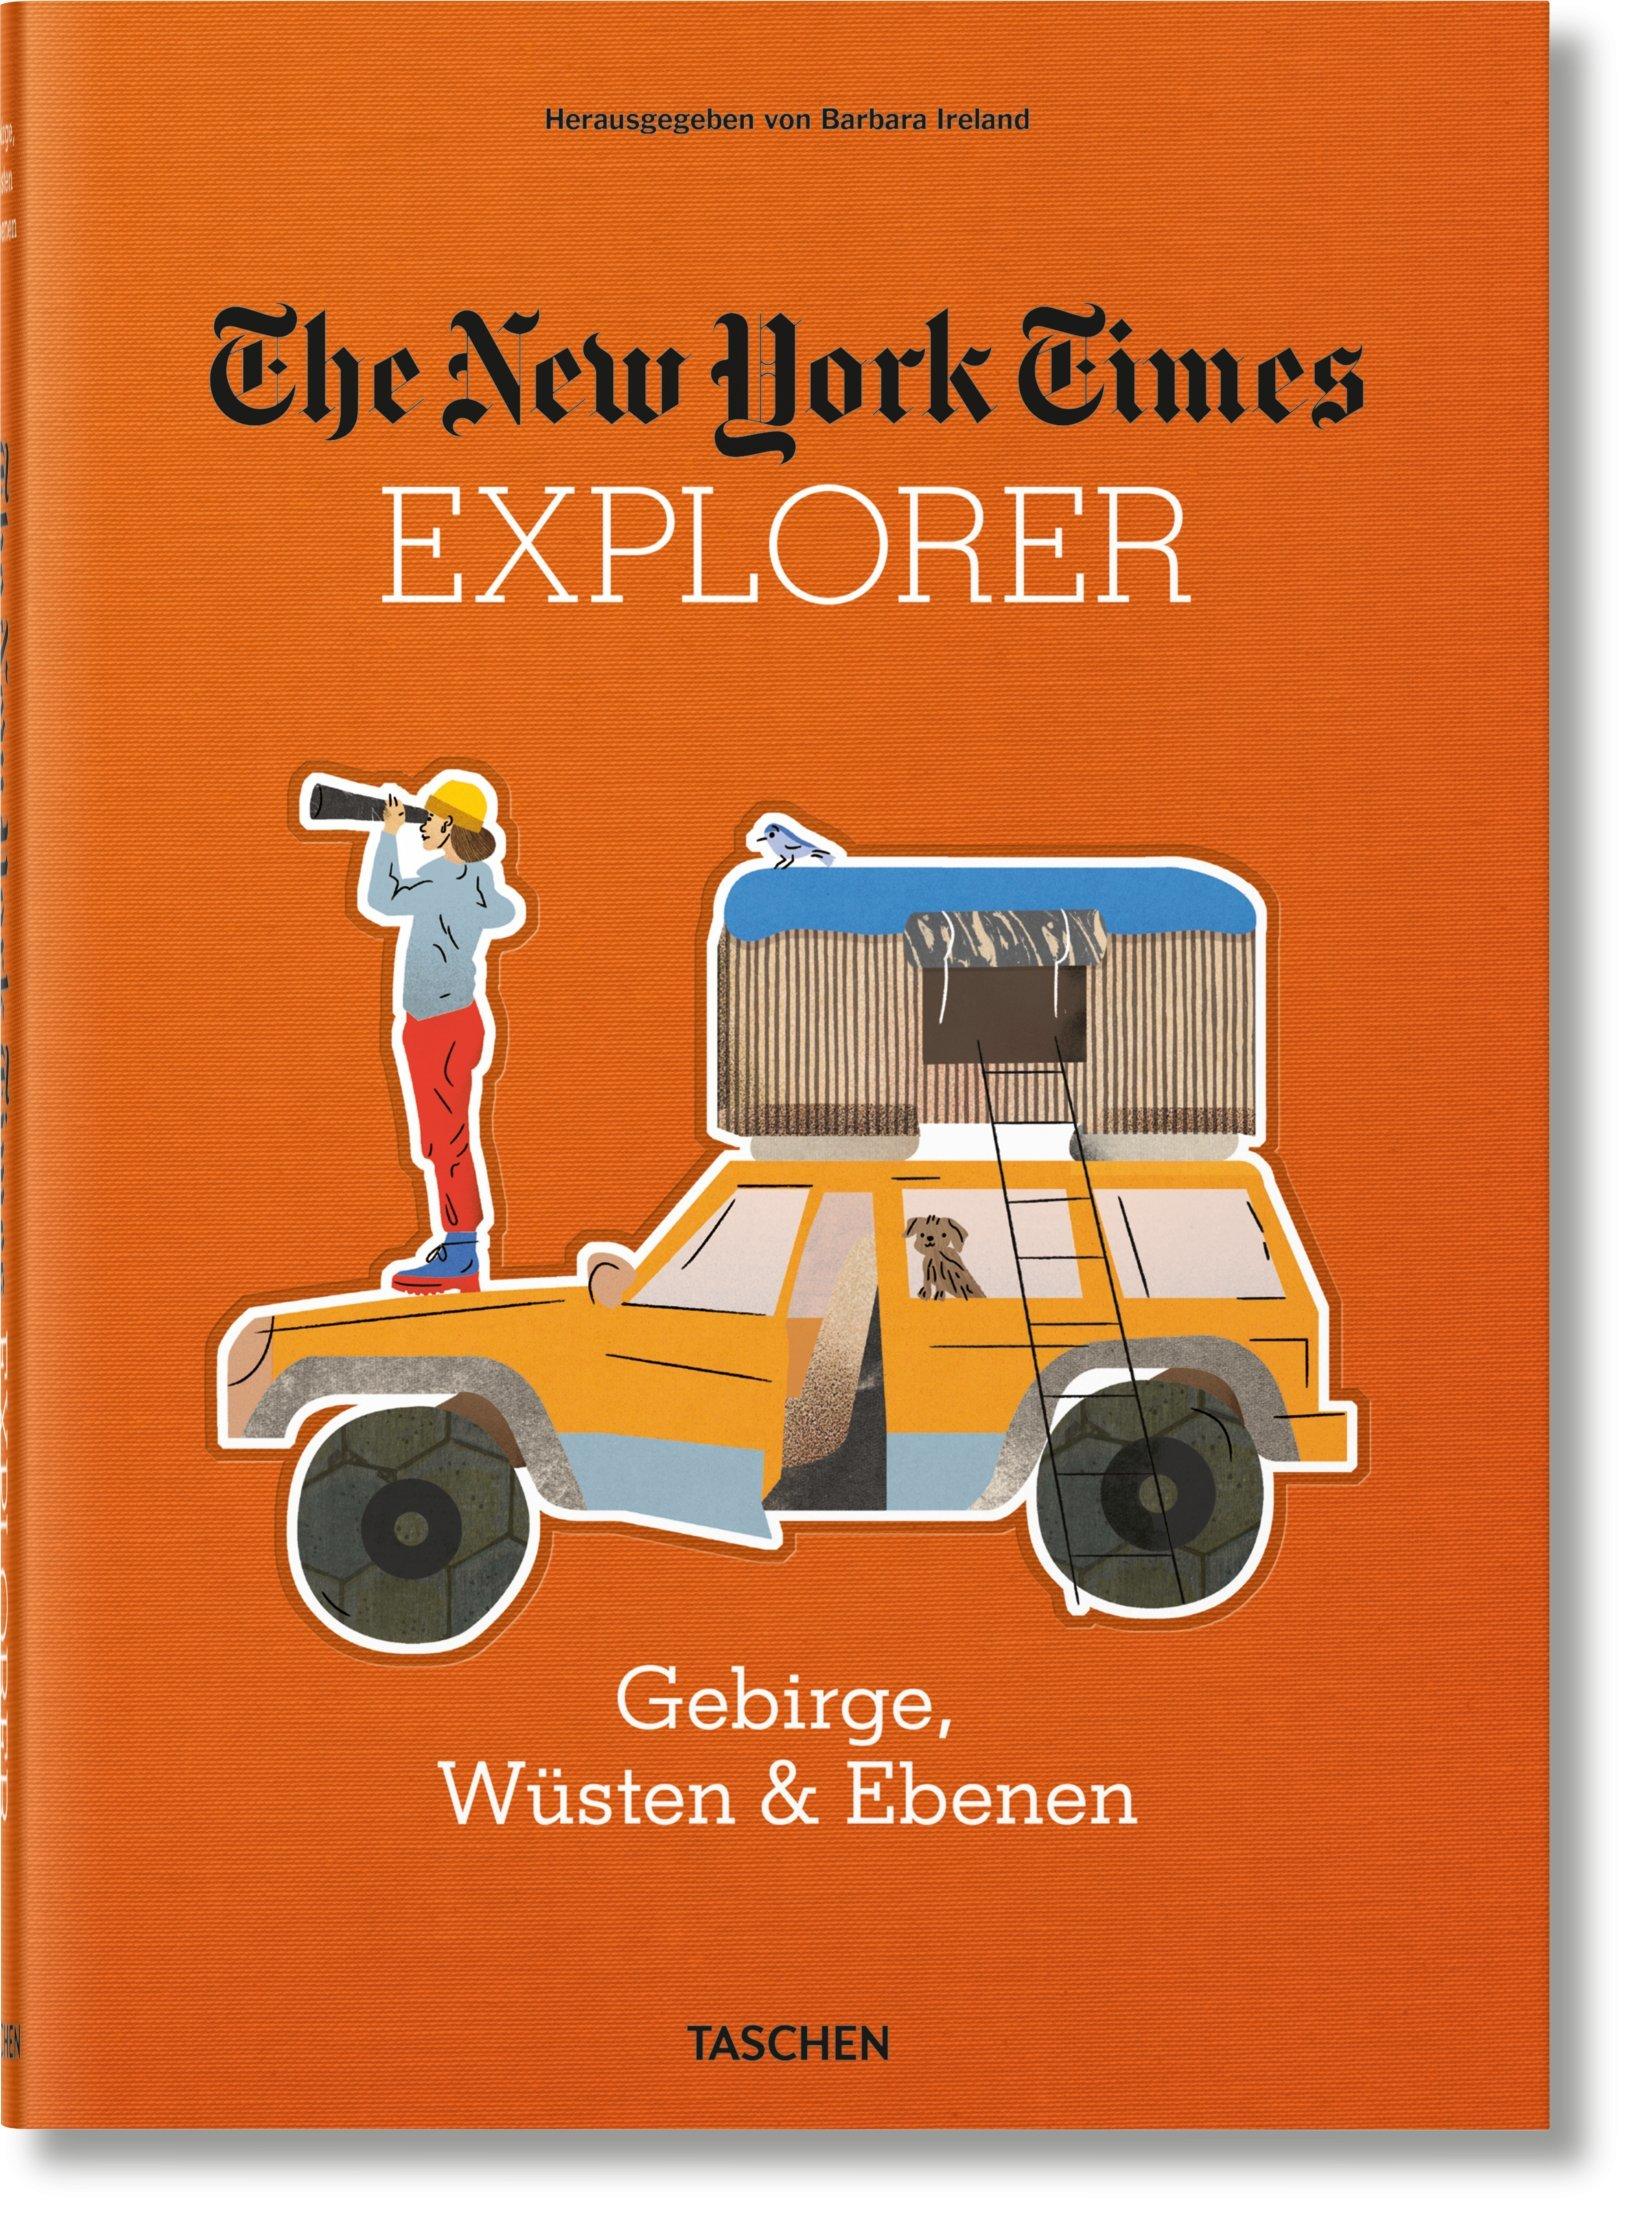 ju-nyt_explorer_mountains_deserts-cover_08705.jpg